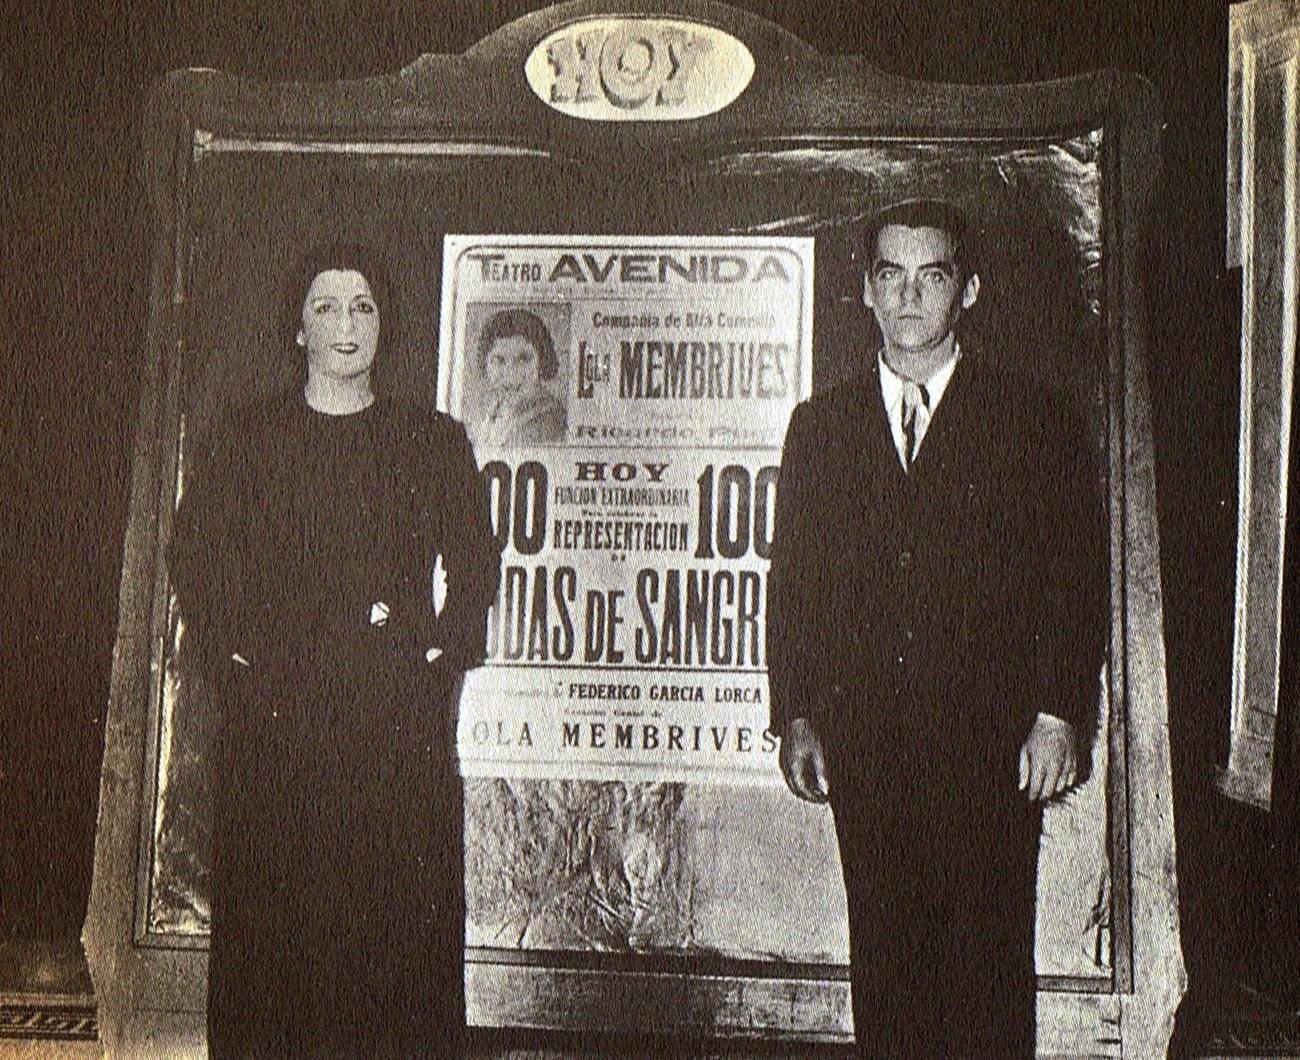 Lorca y la actriz Lola Membrives